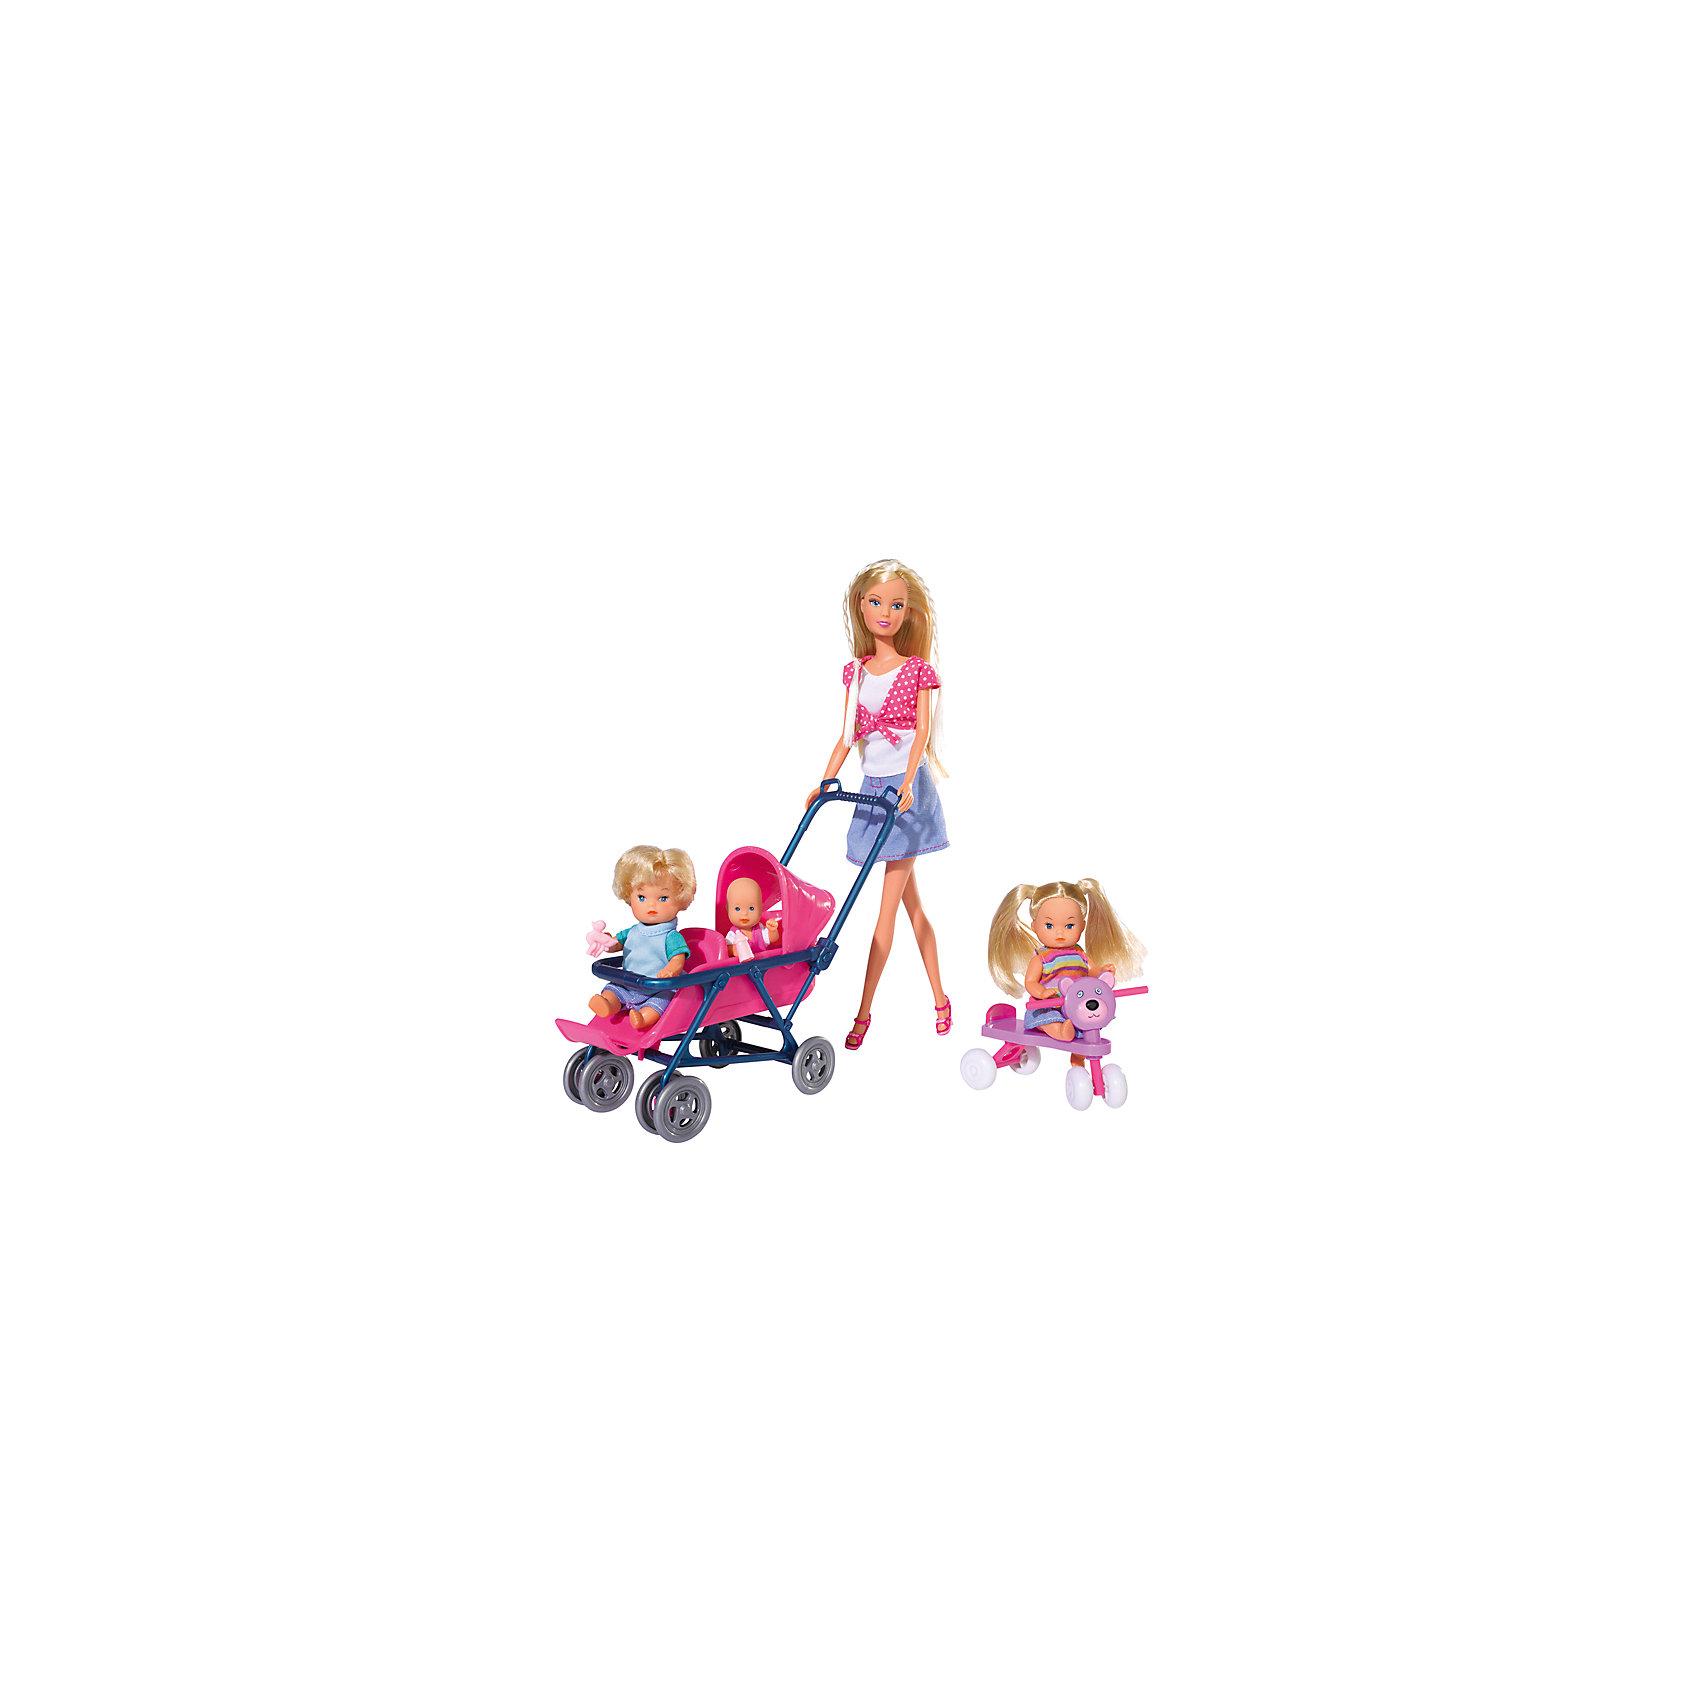 Steffi Love Набор Детский мир, 4 куклыSteffi и Evi Love<br>Кукла Steffi Love с 3 очаровательными малышами и множеством принадлежностей.<br>Штеффи заботливая няня трех симпатичных малышей. У нее много дел, ведь с малышами нужно успеть и погулять и покормить, а младенца уложить спать в колыбельку. К счастью, для ухода за детьми у нее есть все необходимое: коляска, стульчик для кормления, велосипед и самокат для веселой прогулки.<br><br>Дополнительная информация:<br>      <br>- В комплект входят: Штеффи, 3 малыша и аксессуары: кроватка, коляска для двойни, стульчик для кормления, ходунки, 2 самоката и предметы для ухода.<br> - Высота Штеффи: 29 см.<br>- Материалы: текстиль, пластмасса.   <br>- Размер упаковки (д/ш/в): 11,5 х 35 х 45 см. <br>- Вес: 0,900 кг.<br><br>С набором «Детский мир» игра в куклы станет намного интересней! <br>Приобрести набор Детский мир можно в нашем магазине.<br><br>Ширина мм: 115<br>Глубина мм: 455<br>Высота мм: 325<br>Вес г: 900<br>Возраст от месяцев: 48<br>Возраст до месяцев: 96<br>Пол: Женский<br>Возраст: Детский<br>SKU: 1623598